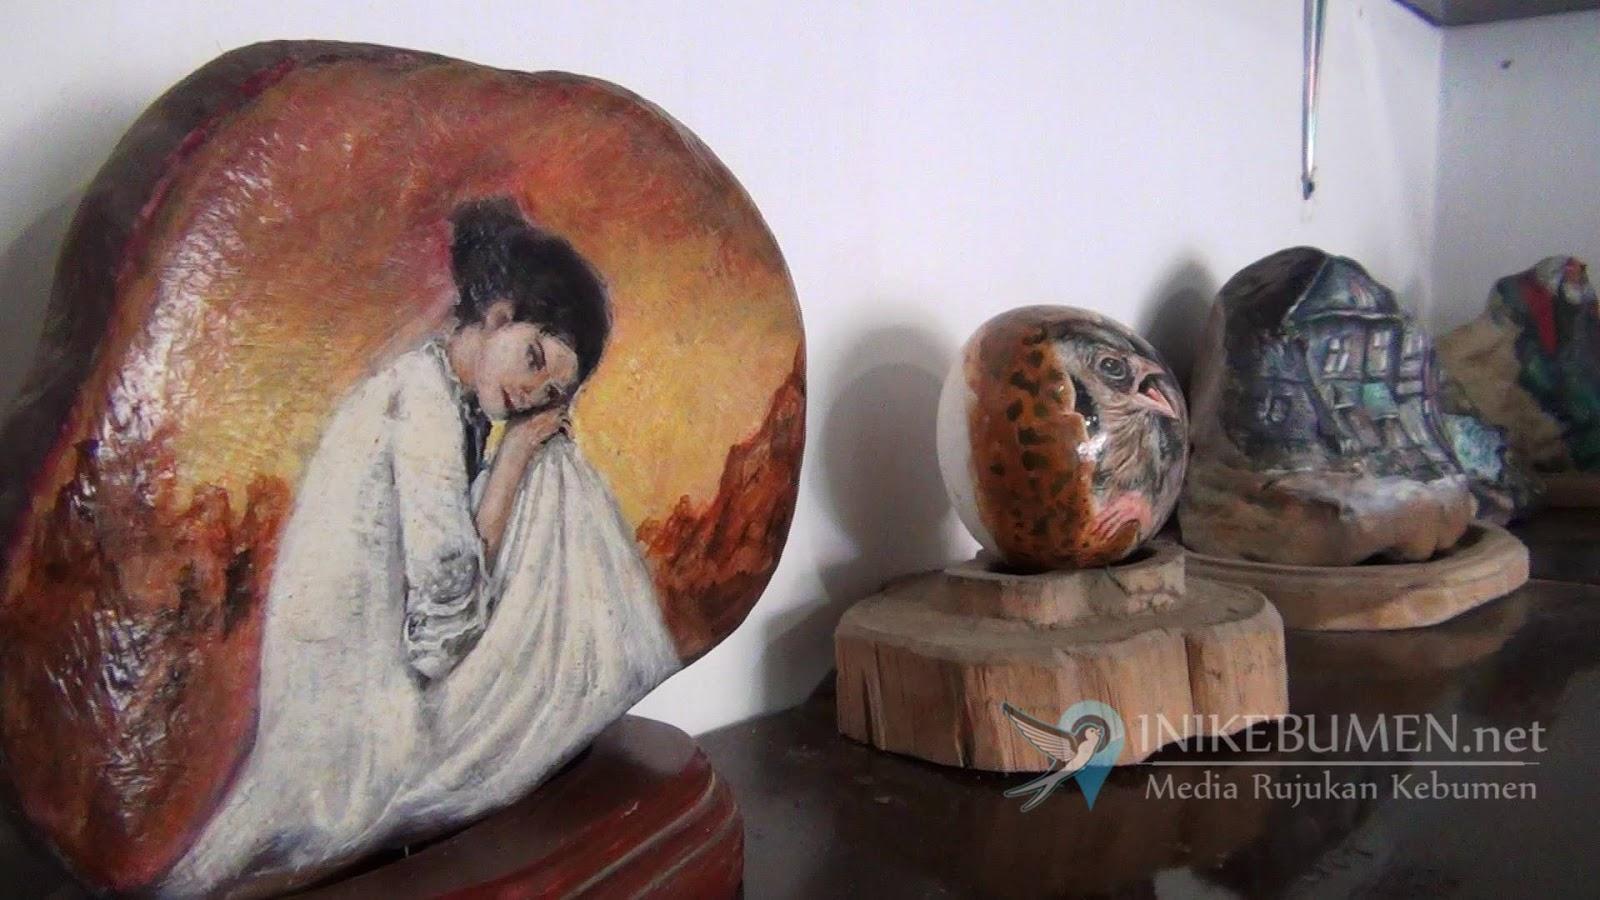 Manfaatkan Batu Kali, Lukisan Seniman Kebumen ini Diminati Hingga Mancanegara